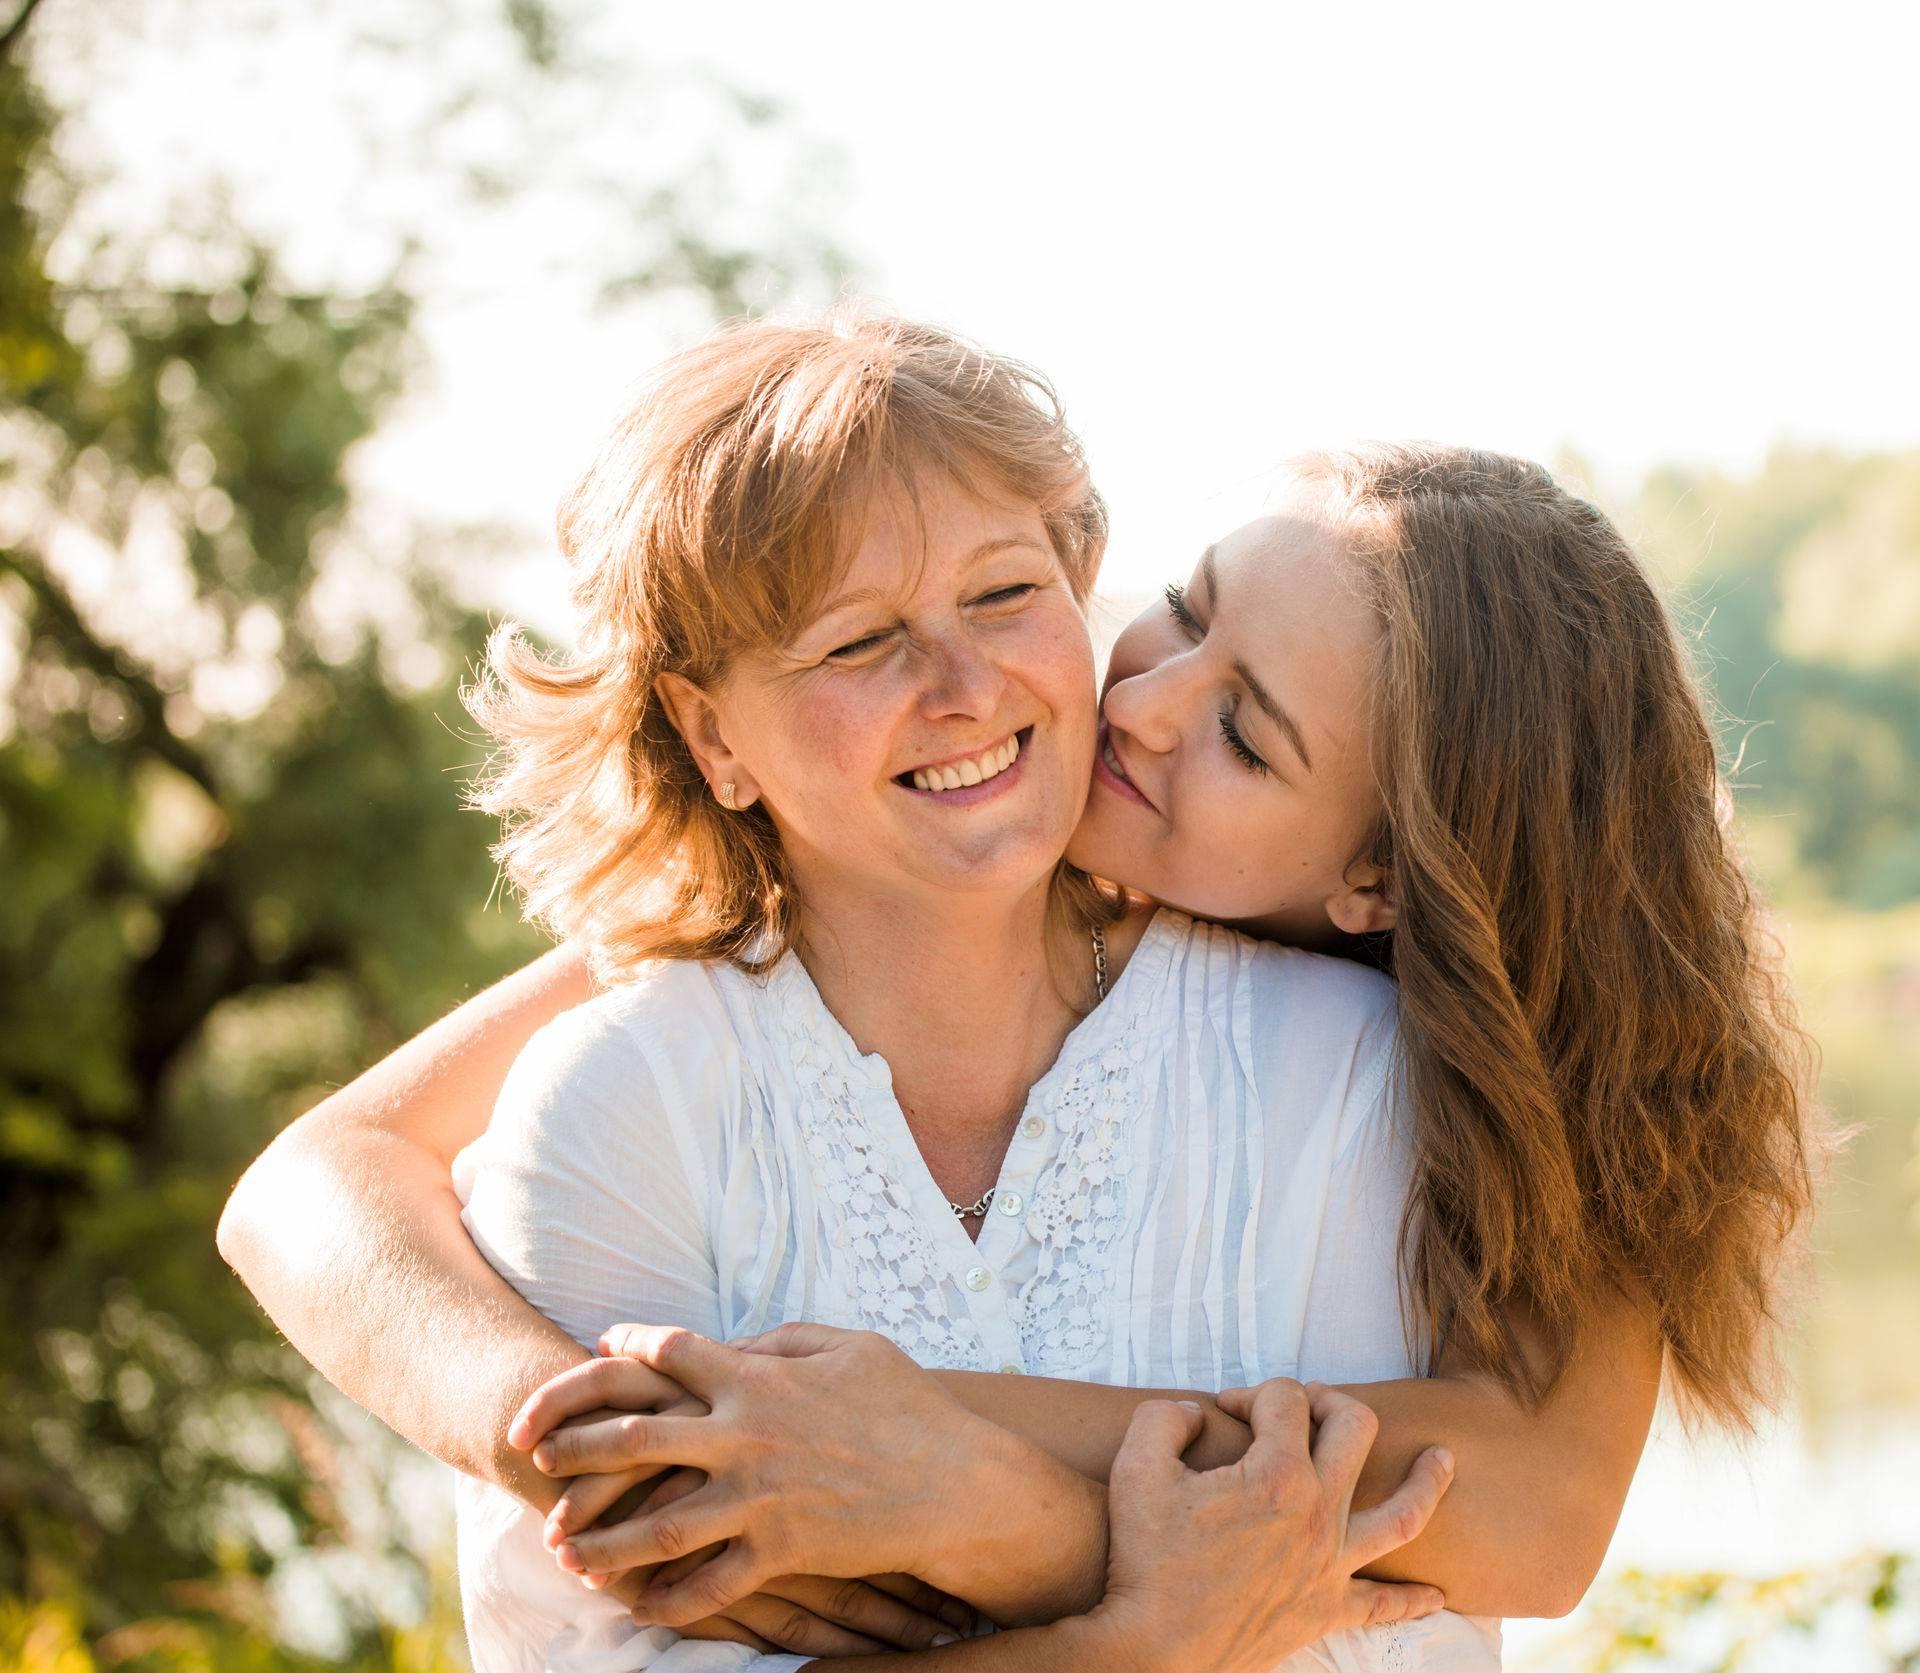 Jedna je mama: Uvijek je tu za vas, slušat će, utješiti, pomoći